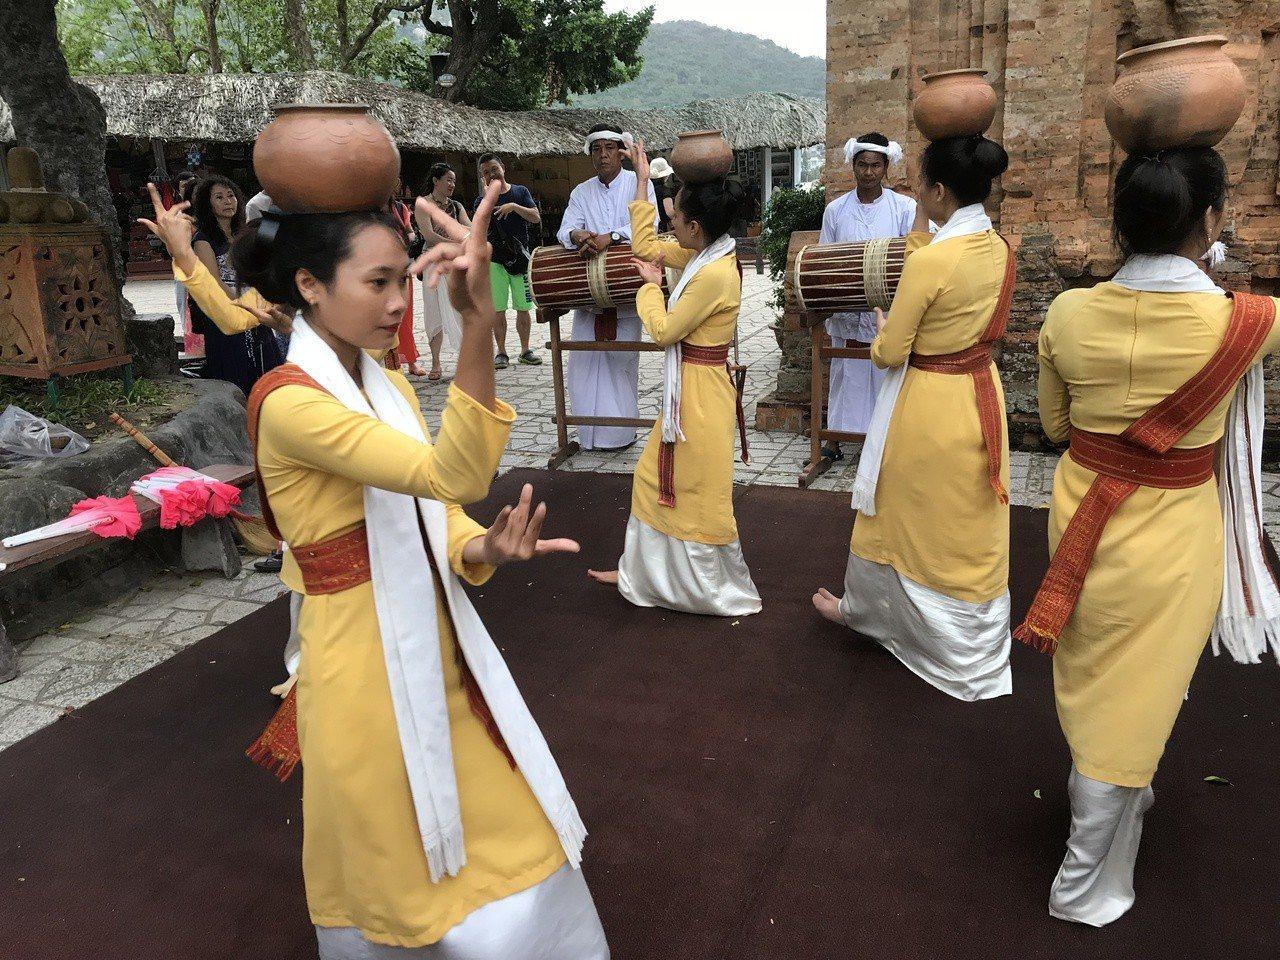 遊客在駐足占婆塔的同時,一旁的熱情舞者還會為大家跳一支南洋熱舞。 記者黃日暉/...